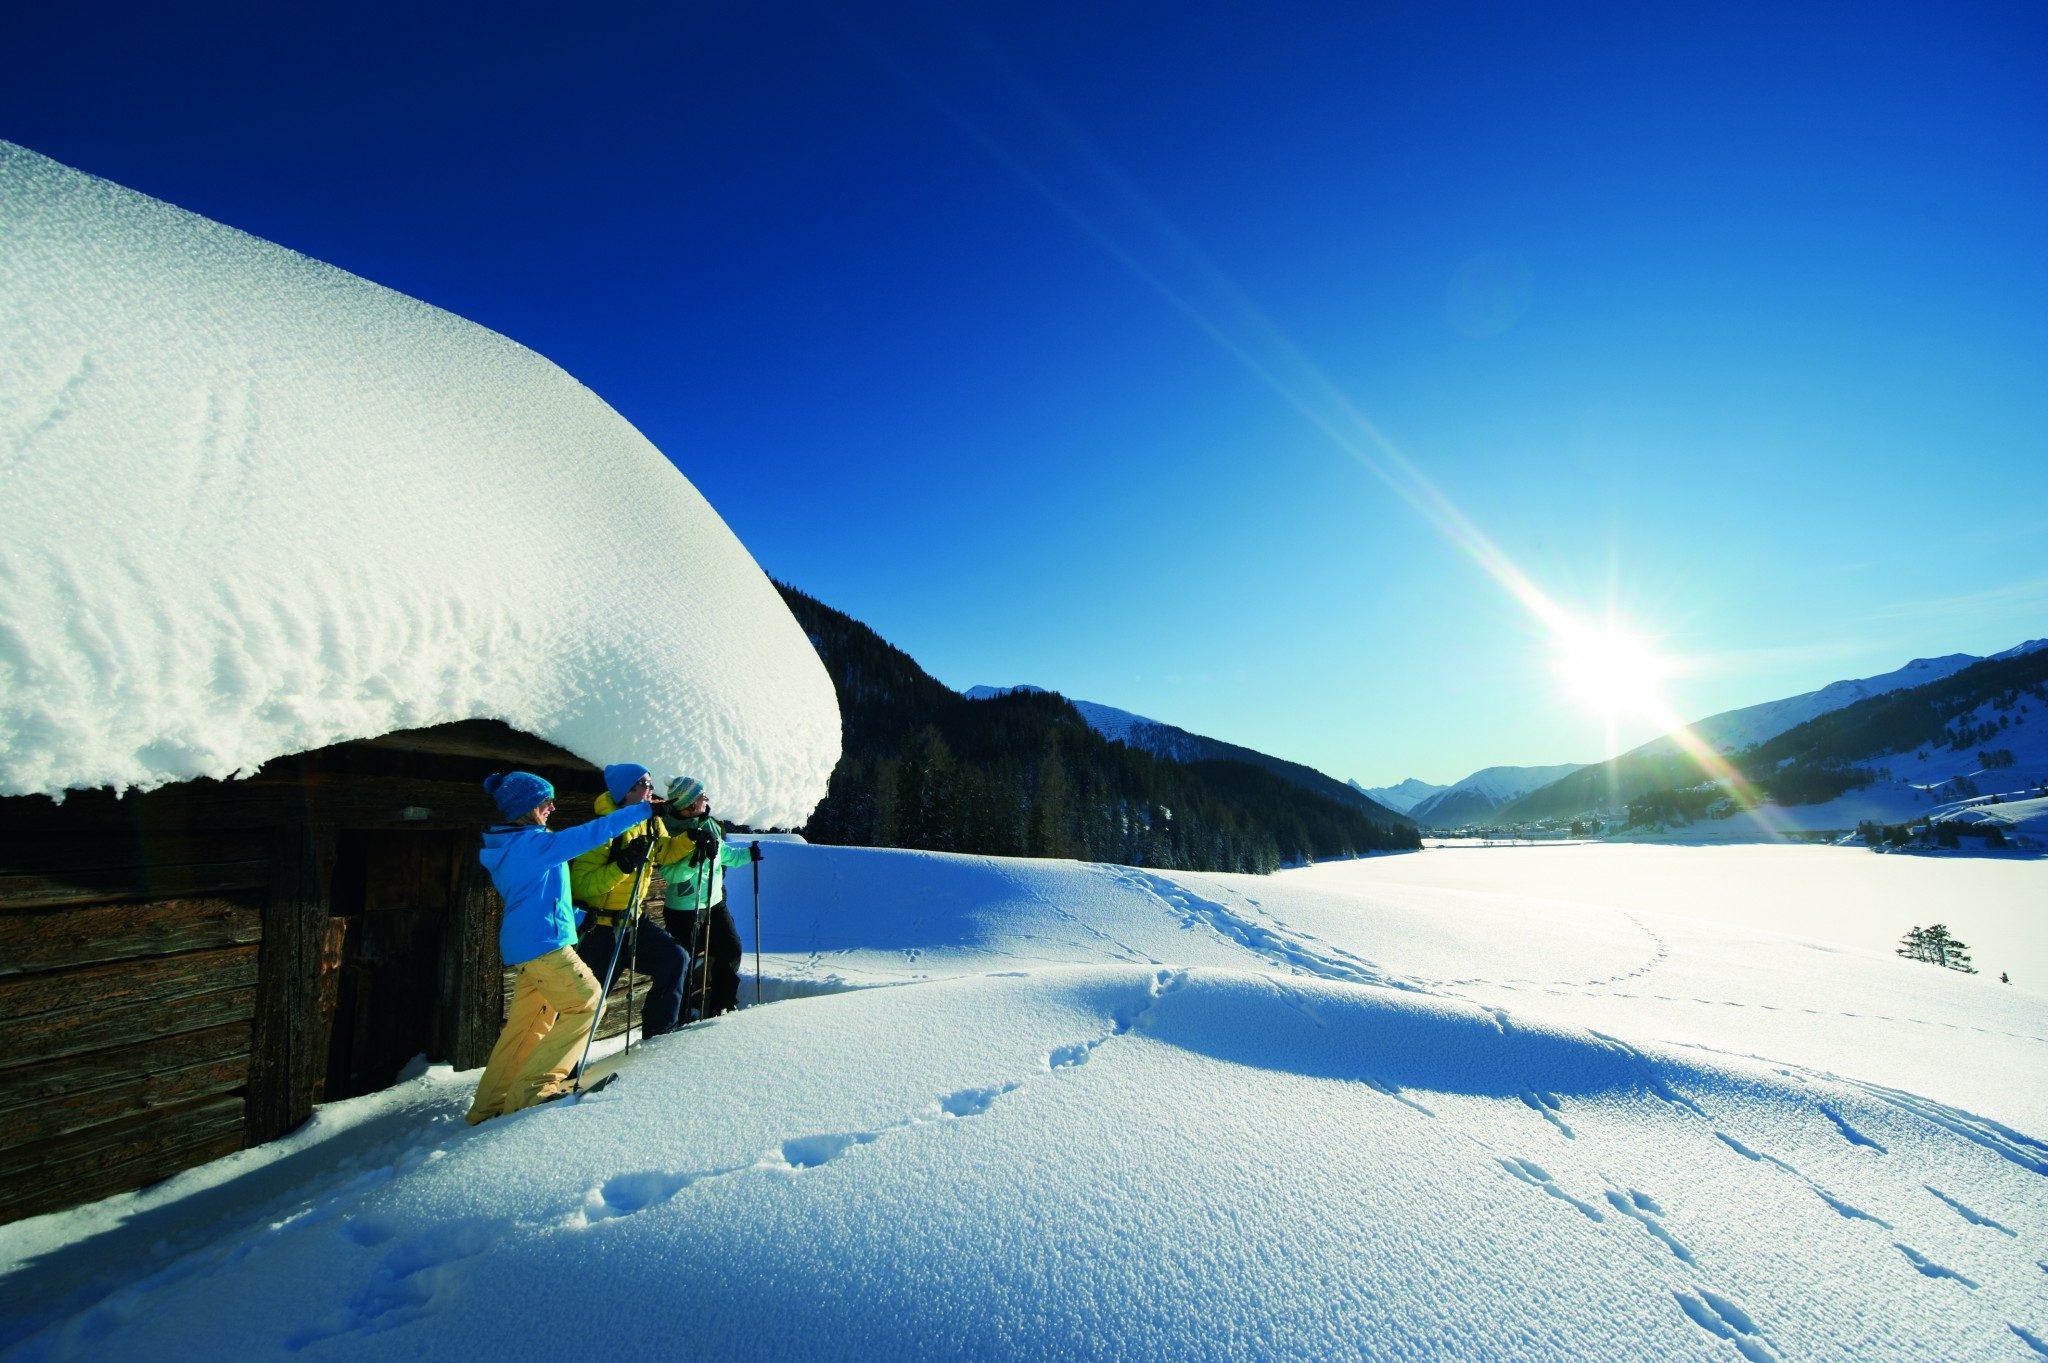 Schneeschuhlaufen_Pause_Blick auf Davosersee_01